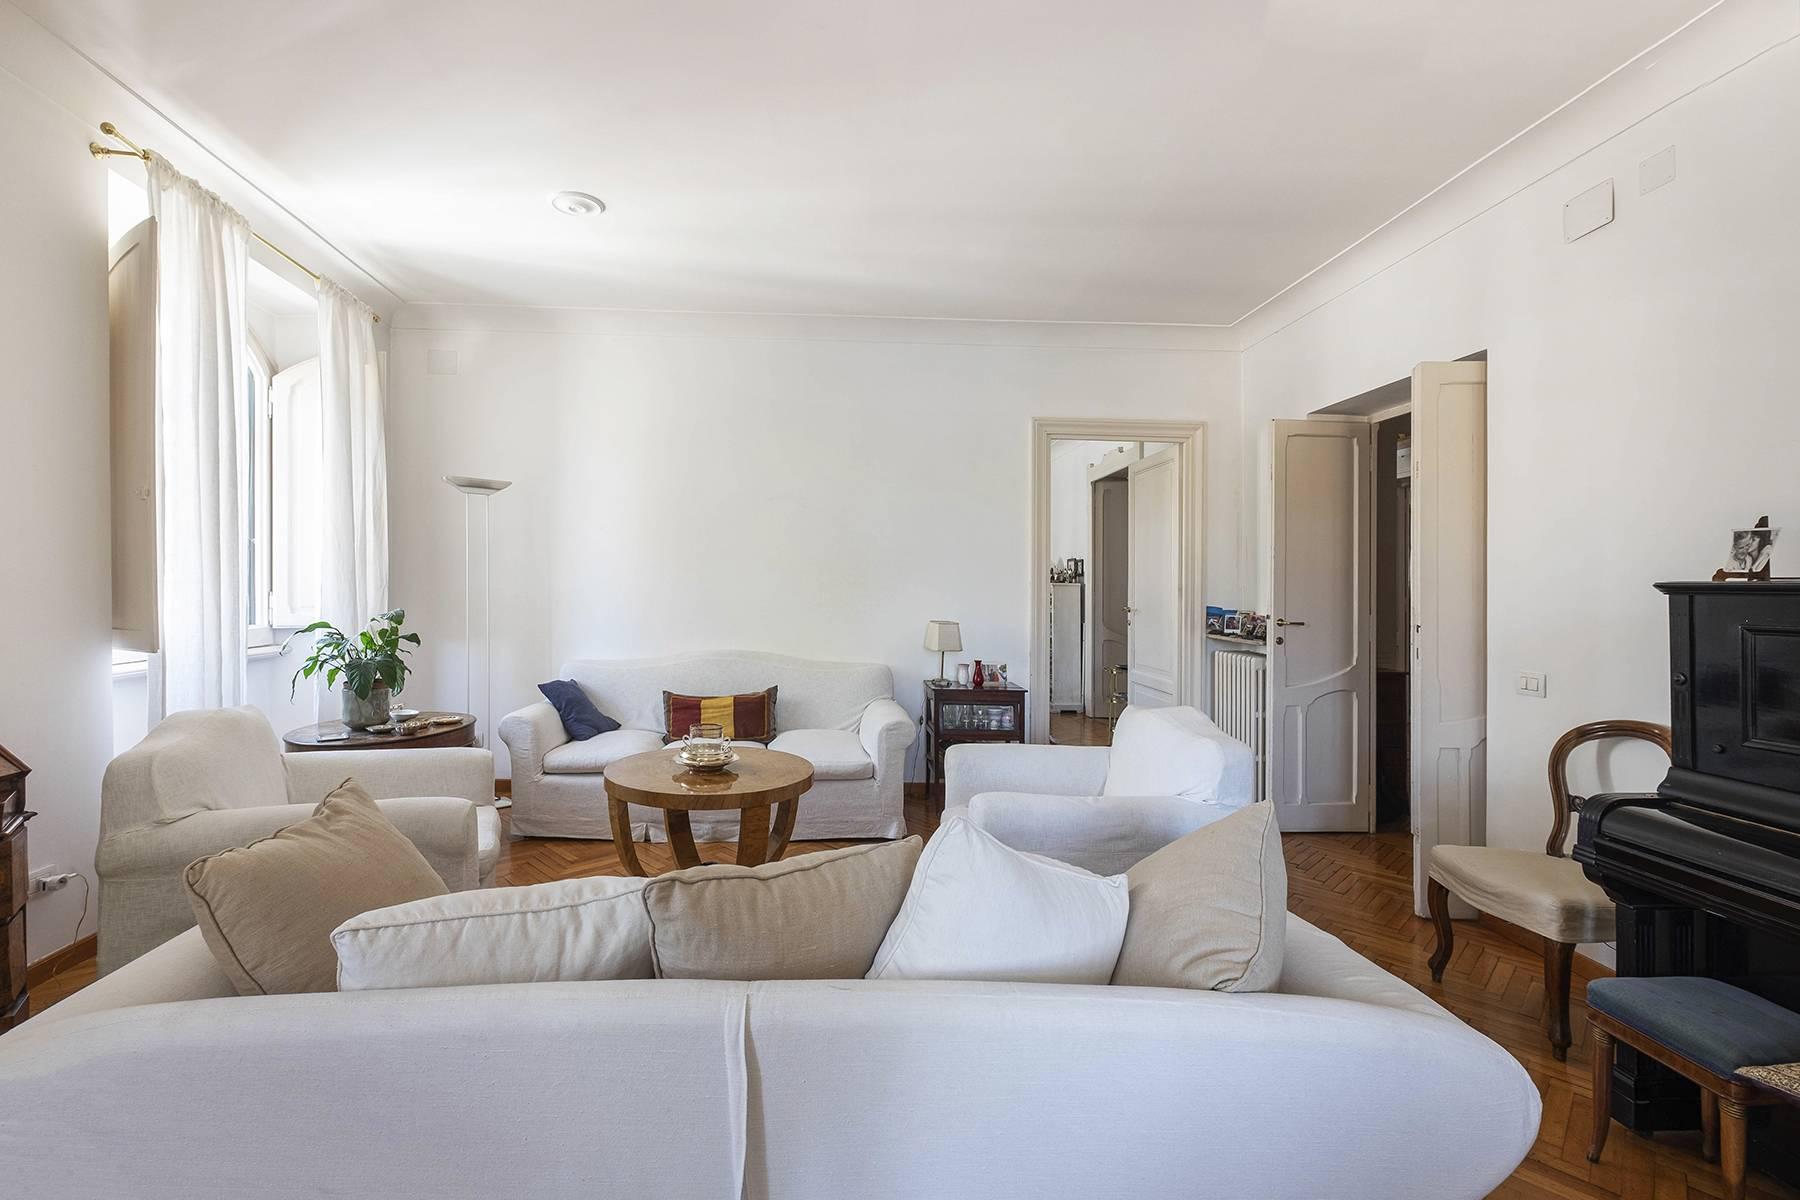 Elegante Wohnung im Stadtviertel Prati - 4